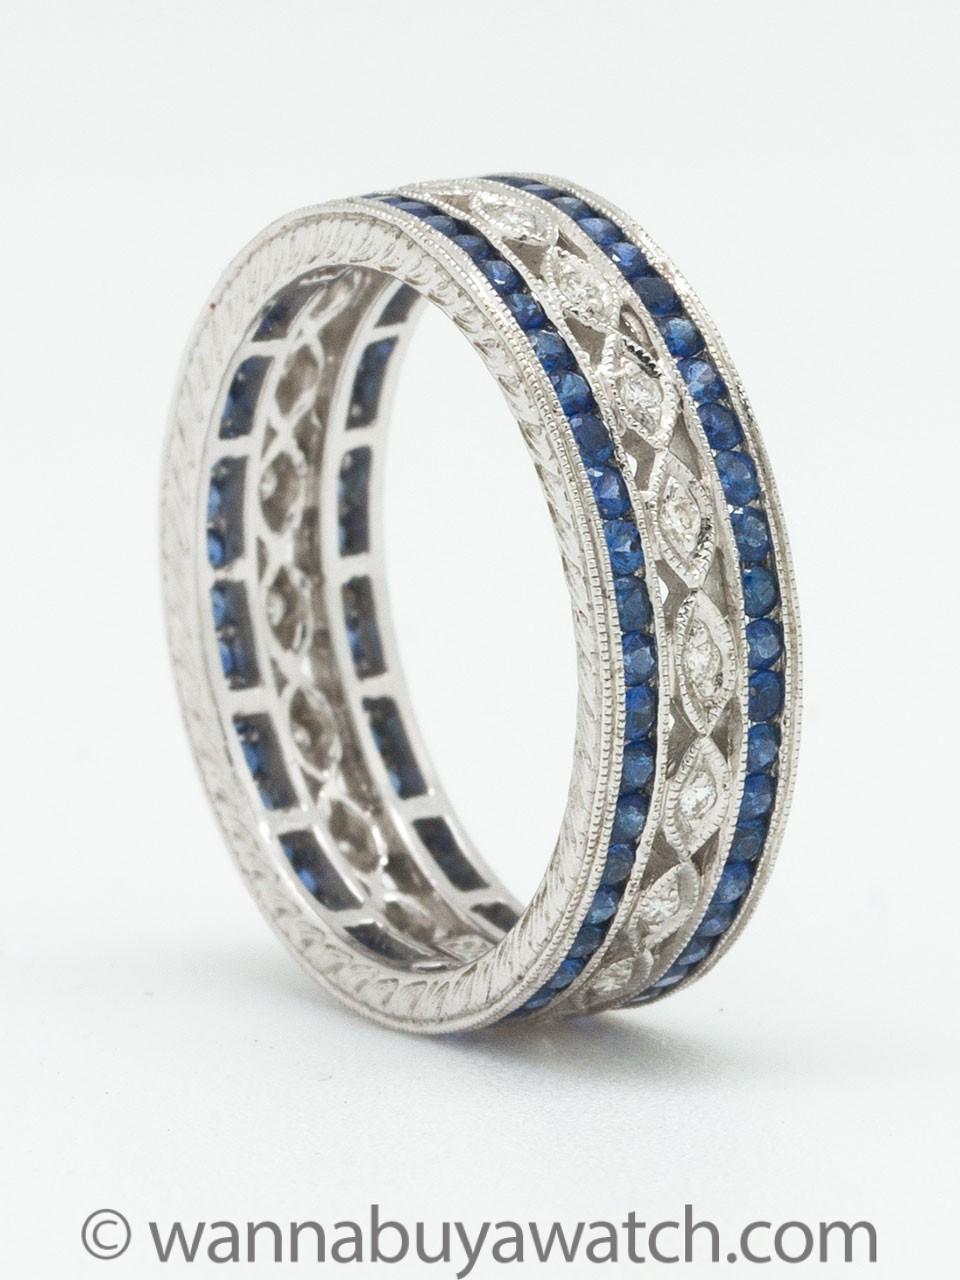 18K White Gold Diamonds & Sapphires